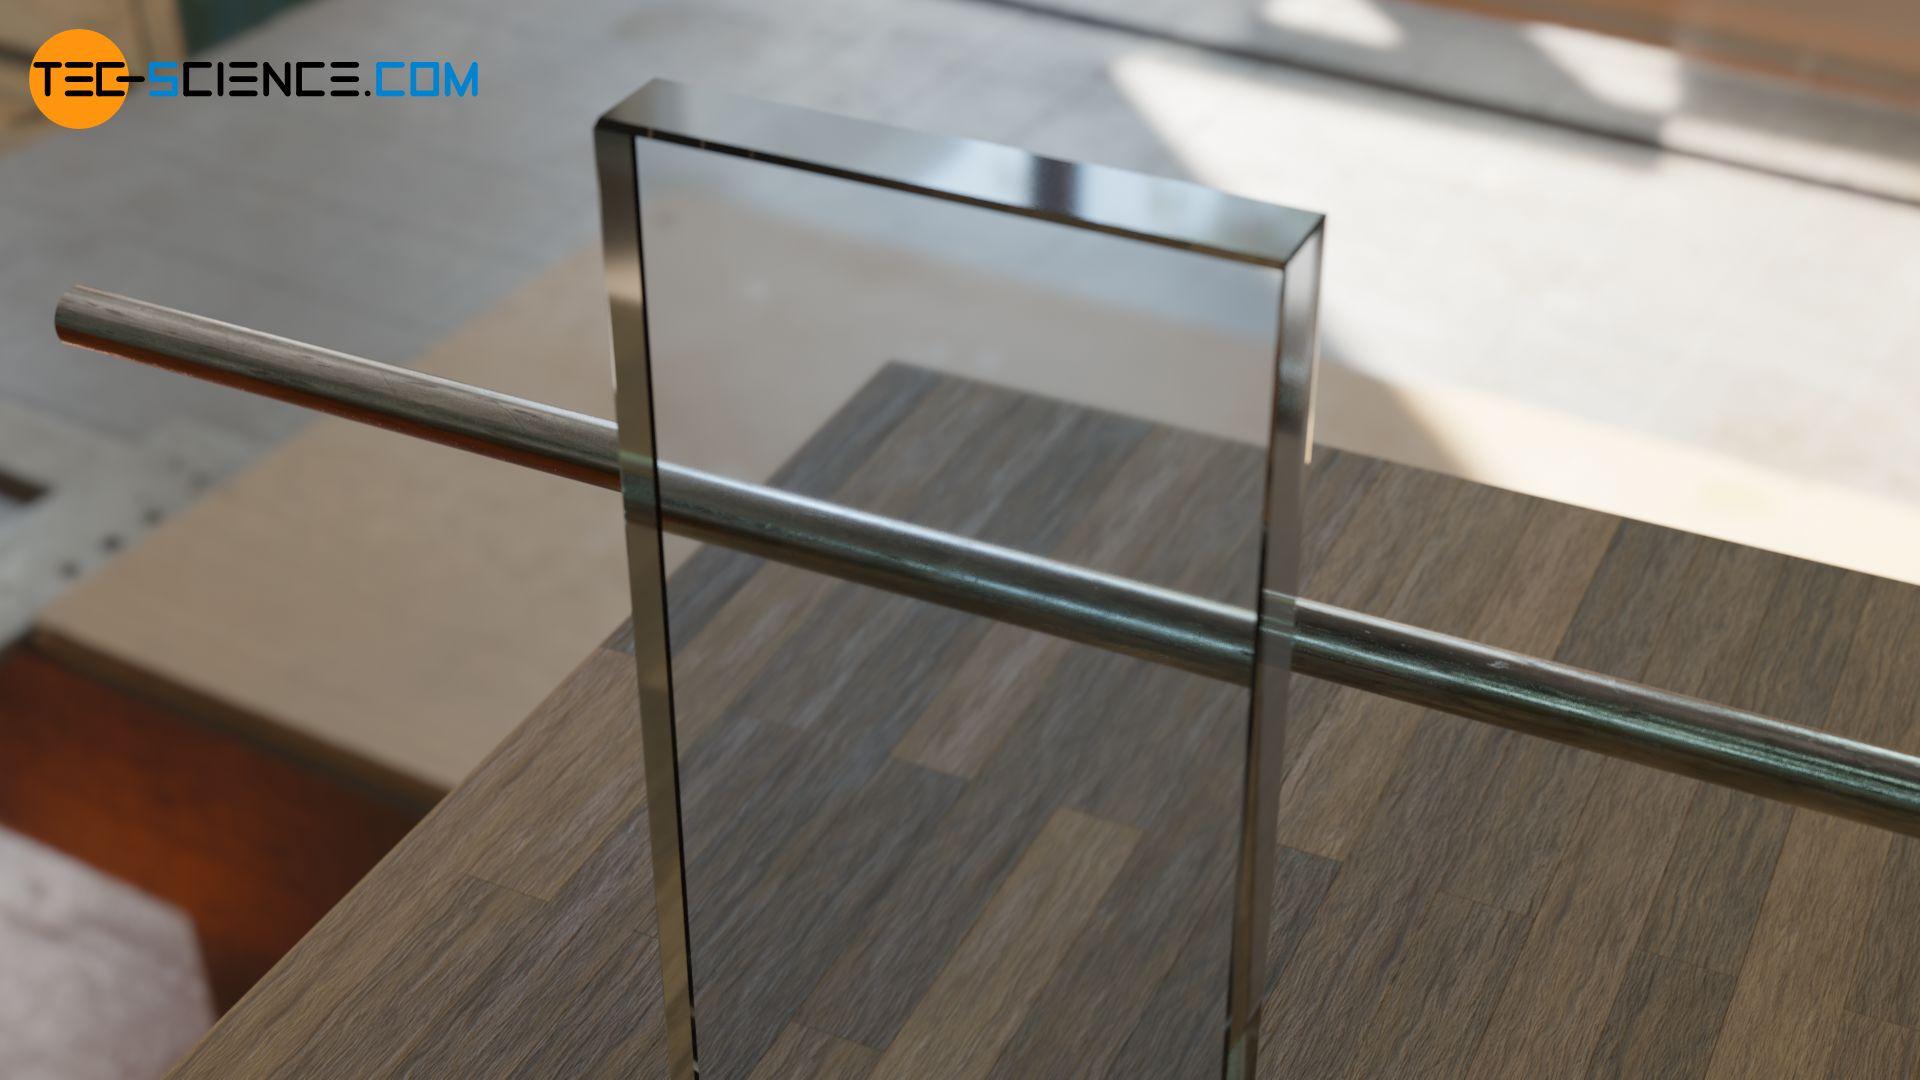 Scheinbarer Versatz von Gegenständen aufgrund der Lichtbrechung in einer Glasscheibe